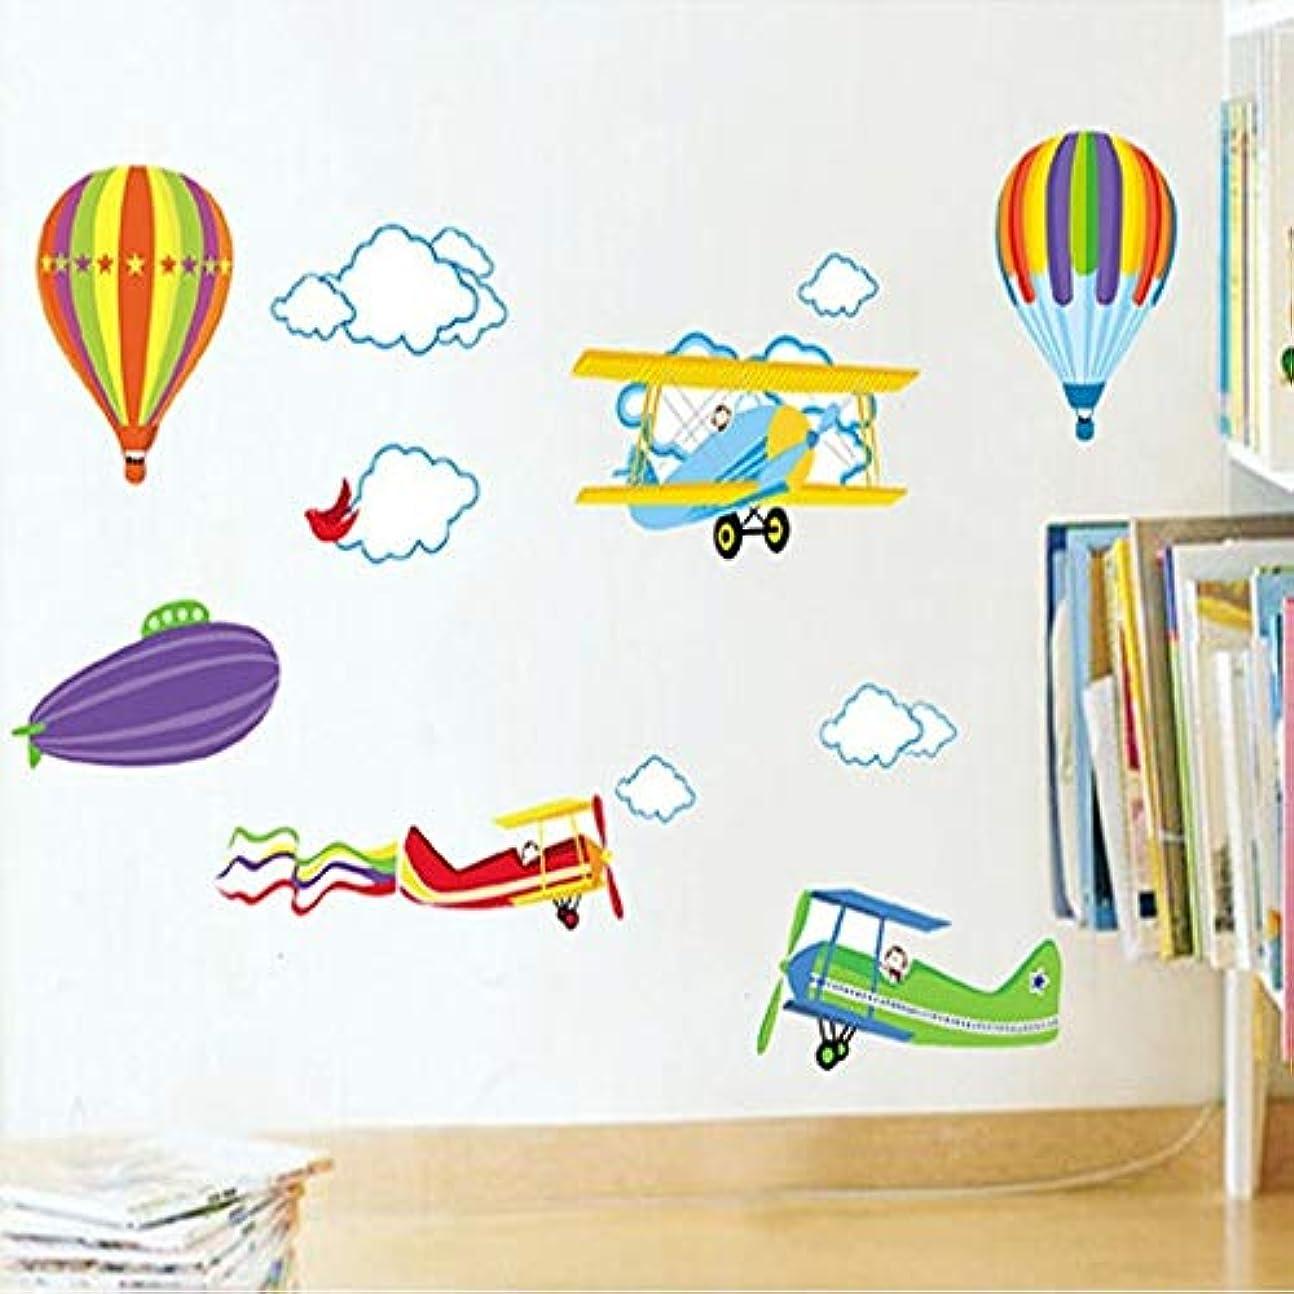 円周羽桃YSYYSH 子供の漫画の壁のステッカーベビールームの装飾取り外し可能な保育園の子供部屋の壁デカール航空機と熱気球 壁ステッカー壁画